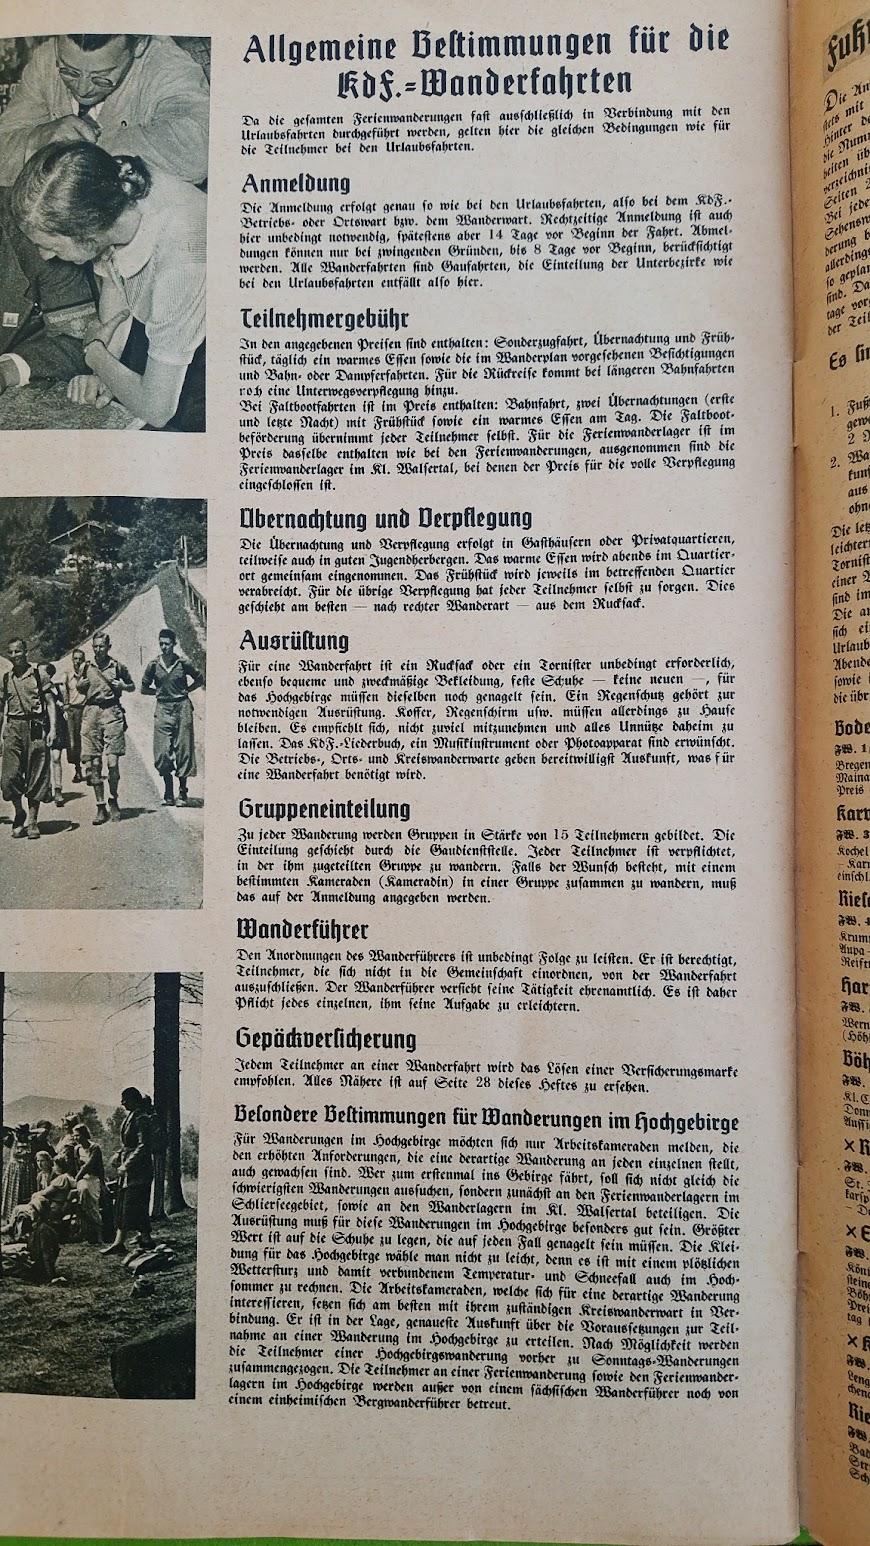 """Die Deutsche Arbeitsfront - Urlaubsfahrten 1939 - NS-Gemeinschaft """"Kraft durch Freude"""" Gau Sachsen - Katalog - Wanderfahrten"""